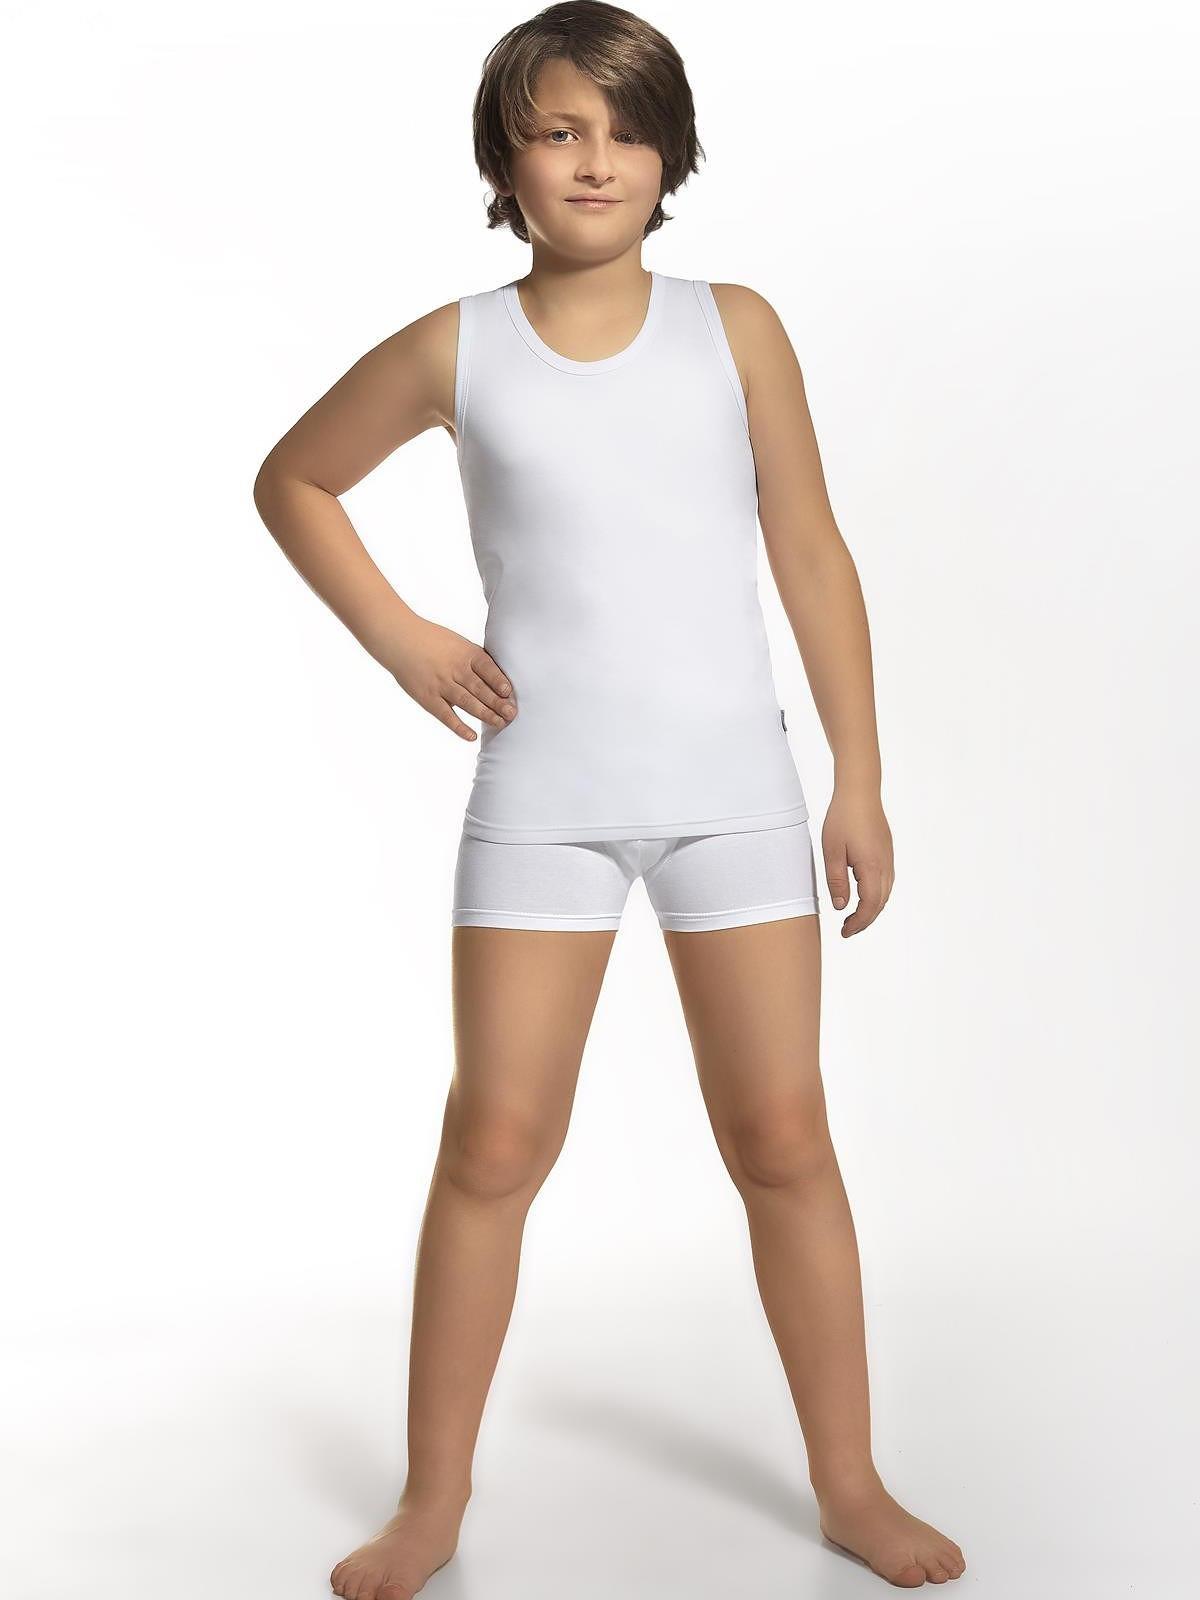 Chlapecká komplet Cornette Kids 866